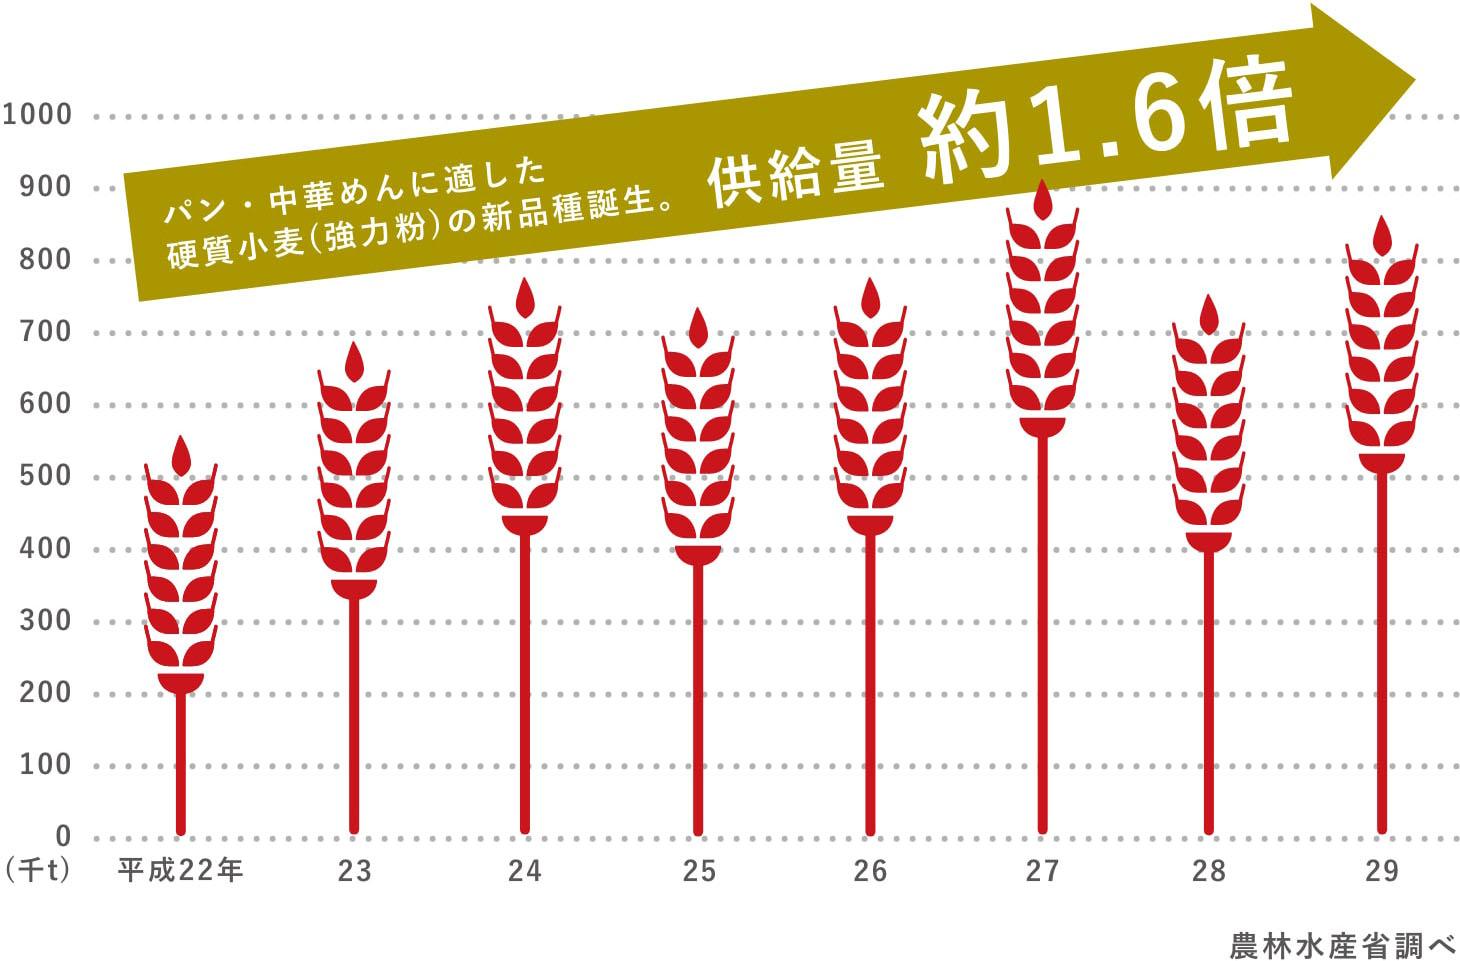 国産食料用小麦の供給量